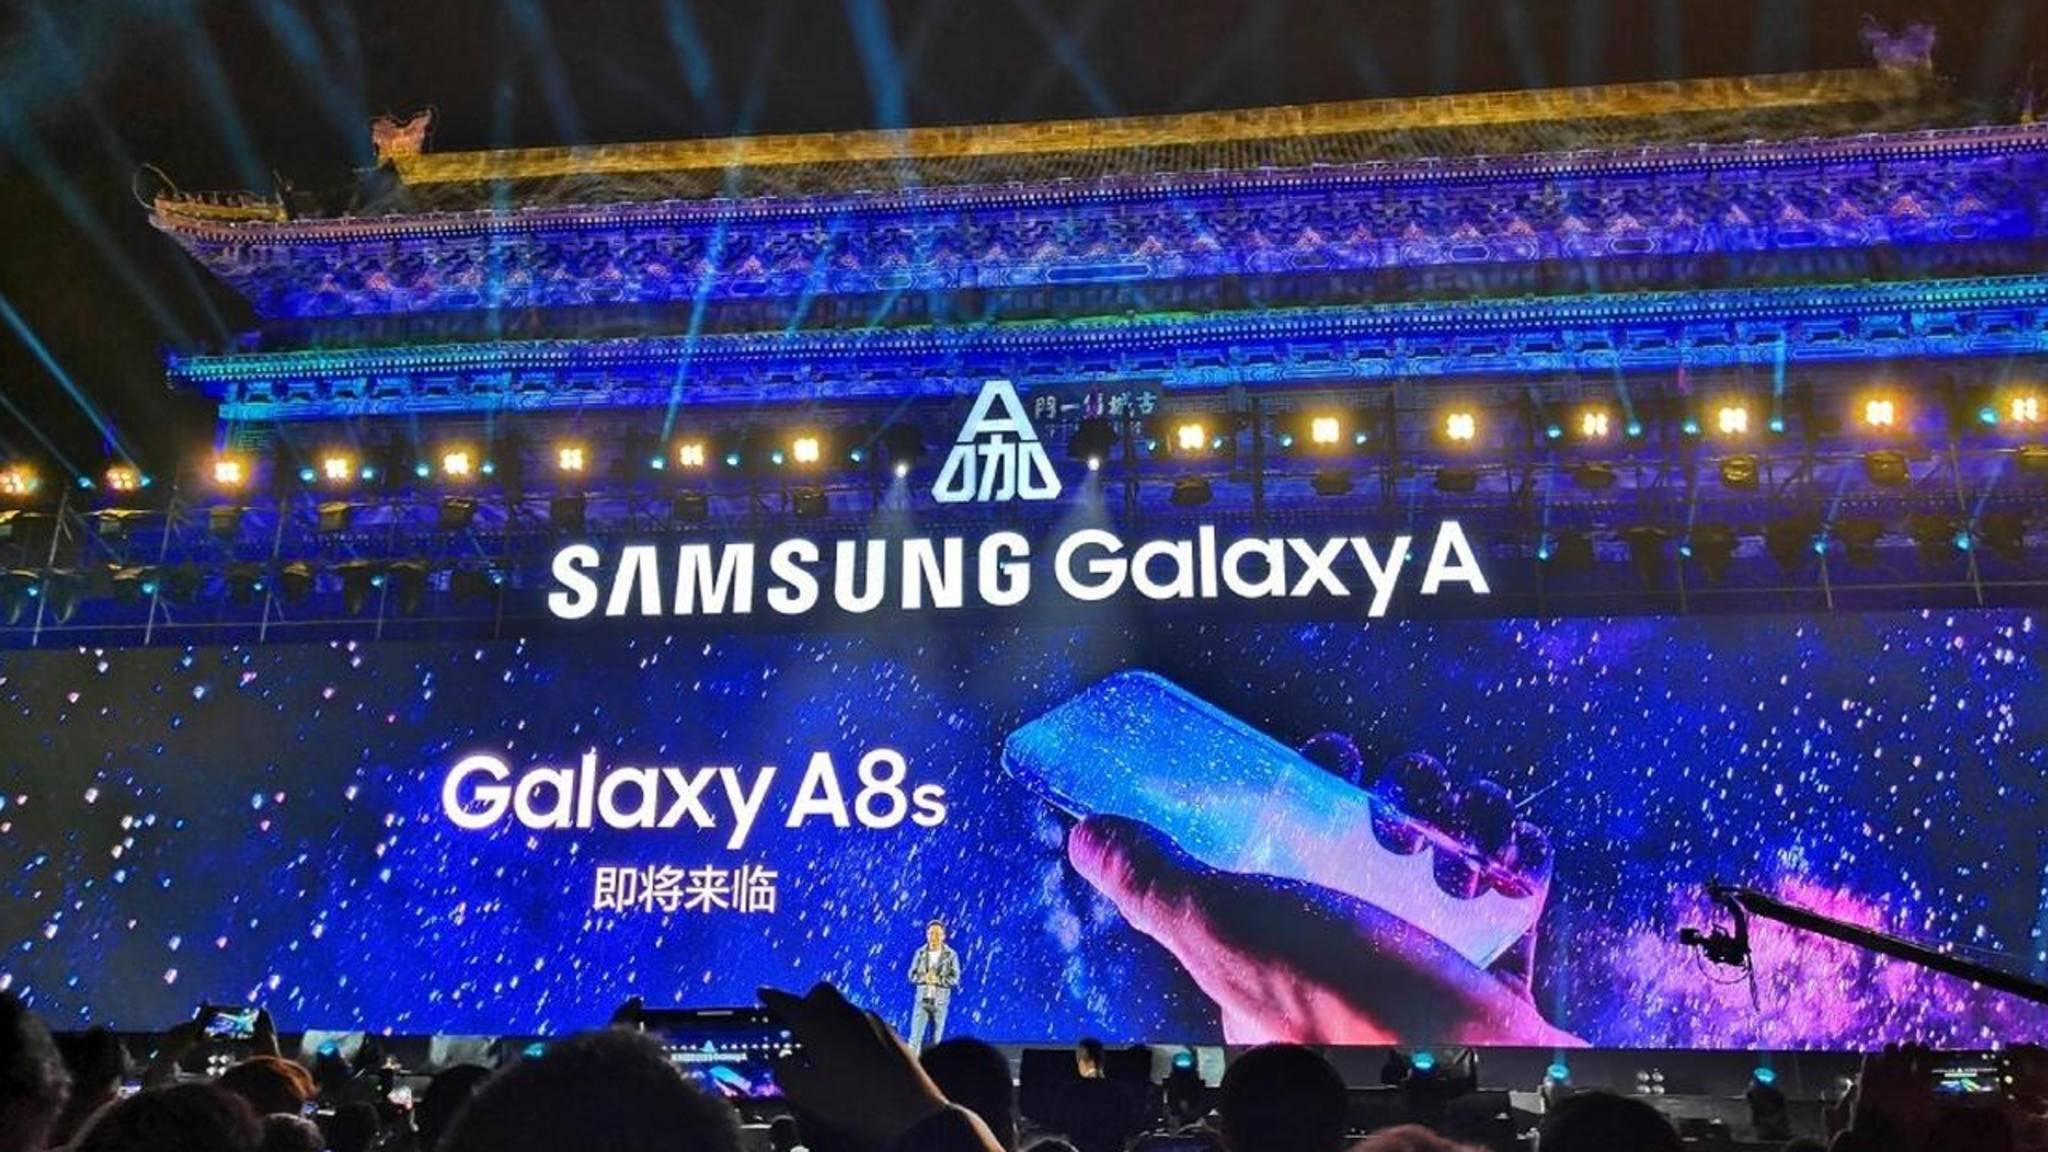 Das Galaxy A8s wird wohl das nächste Mittelklasse-Smartphone mit neuer Technologie.